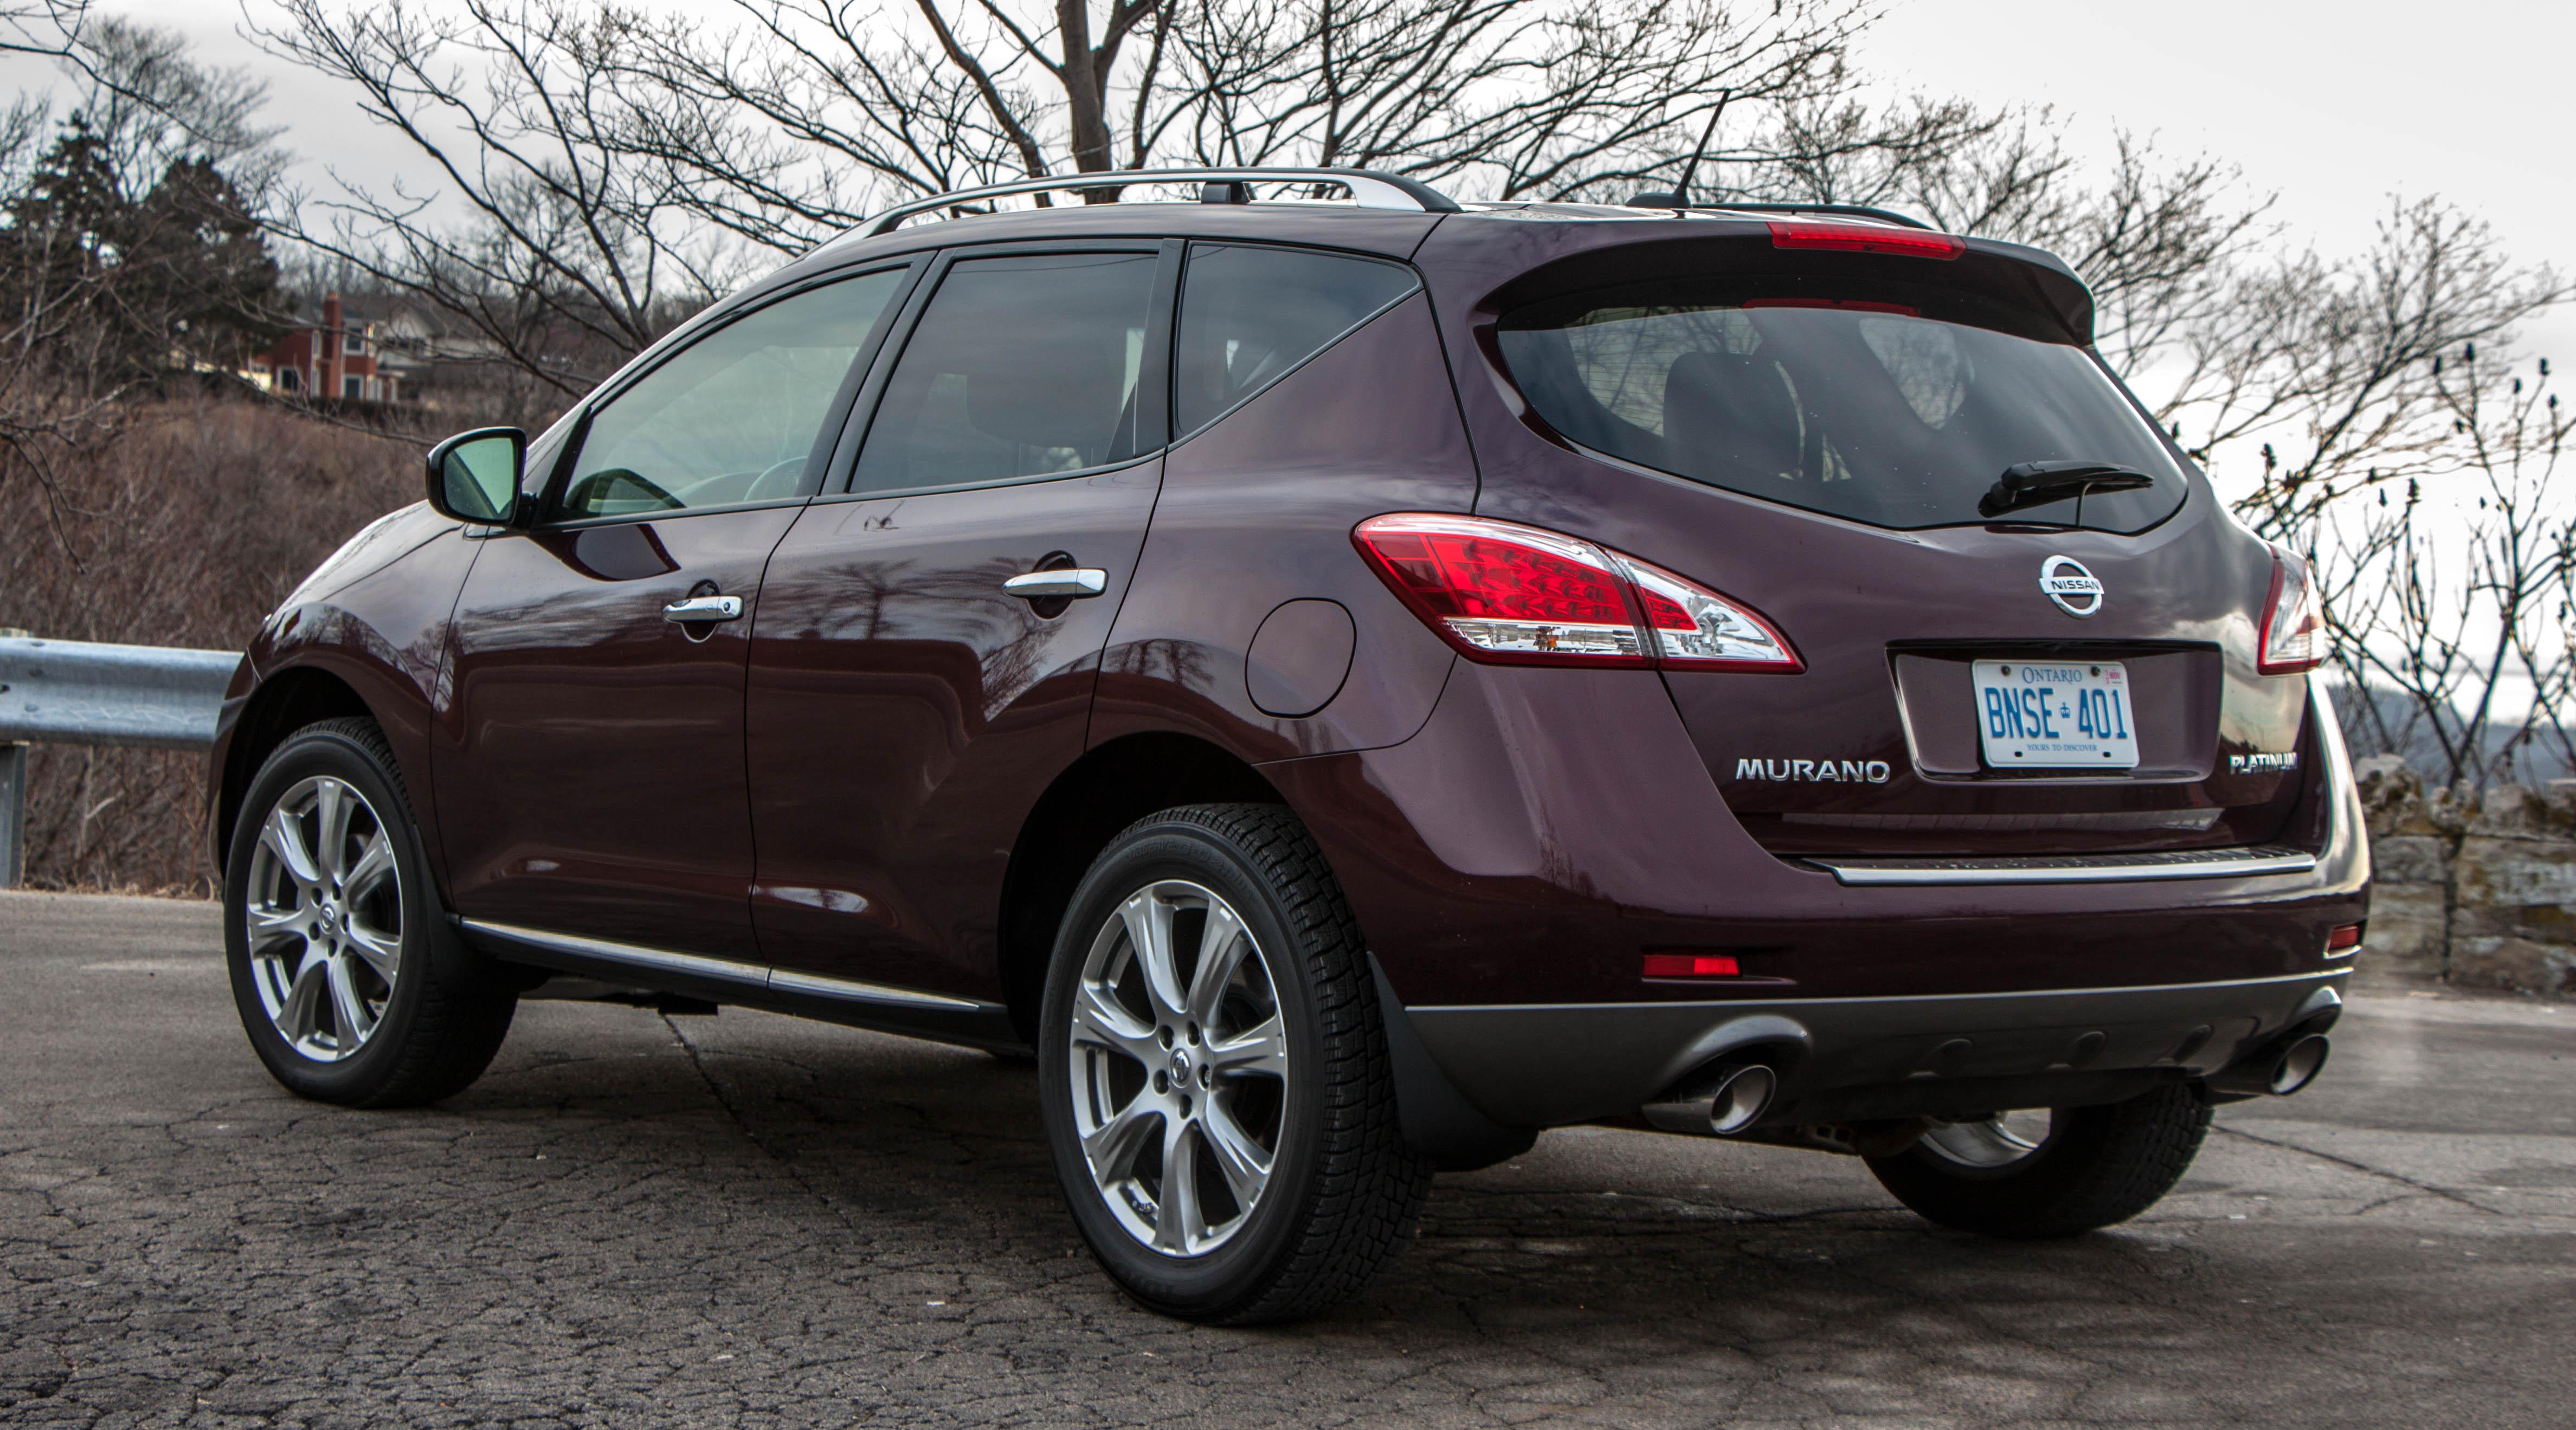 Nissan Murano Platinum >> 2013 NISSAN MURANO - Image #10